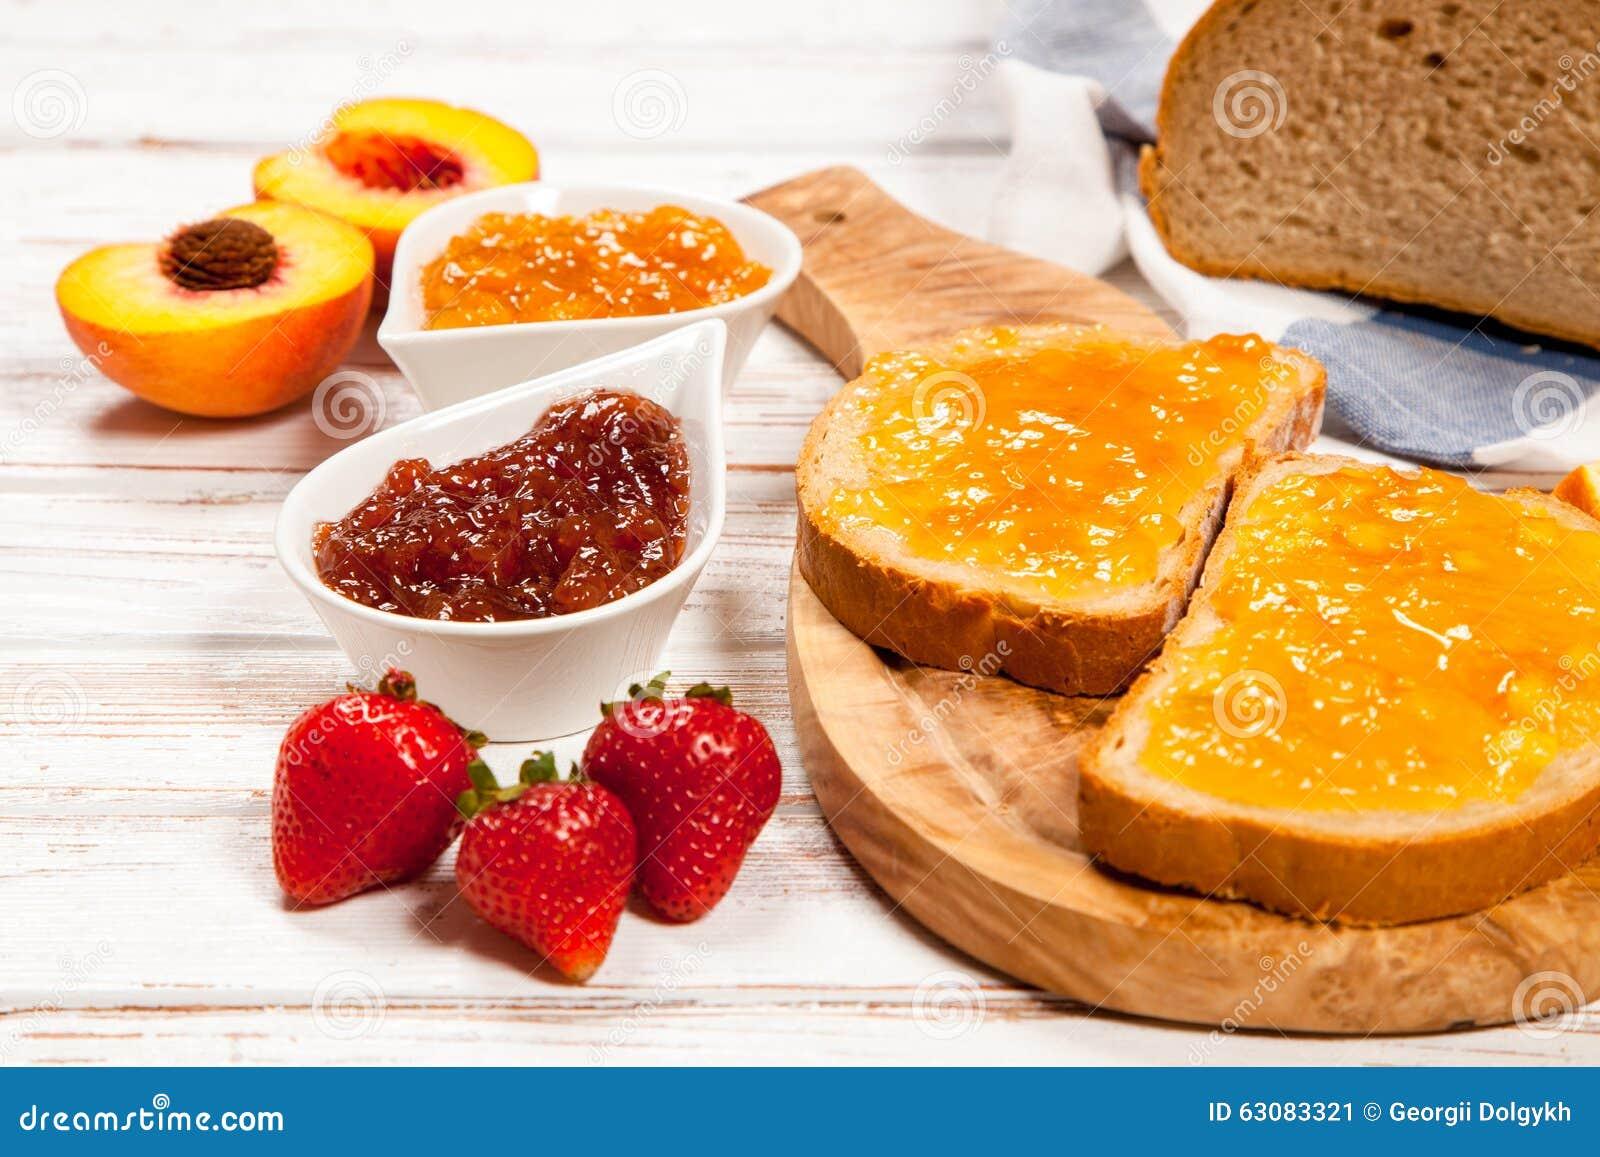 Download Tranches De Pain Avec La Confiture Image stock - Image du orange, plaque: 63083321